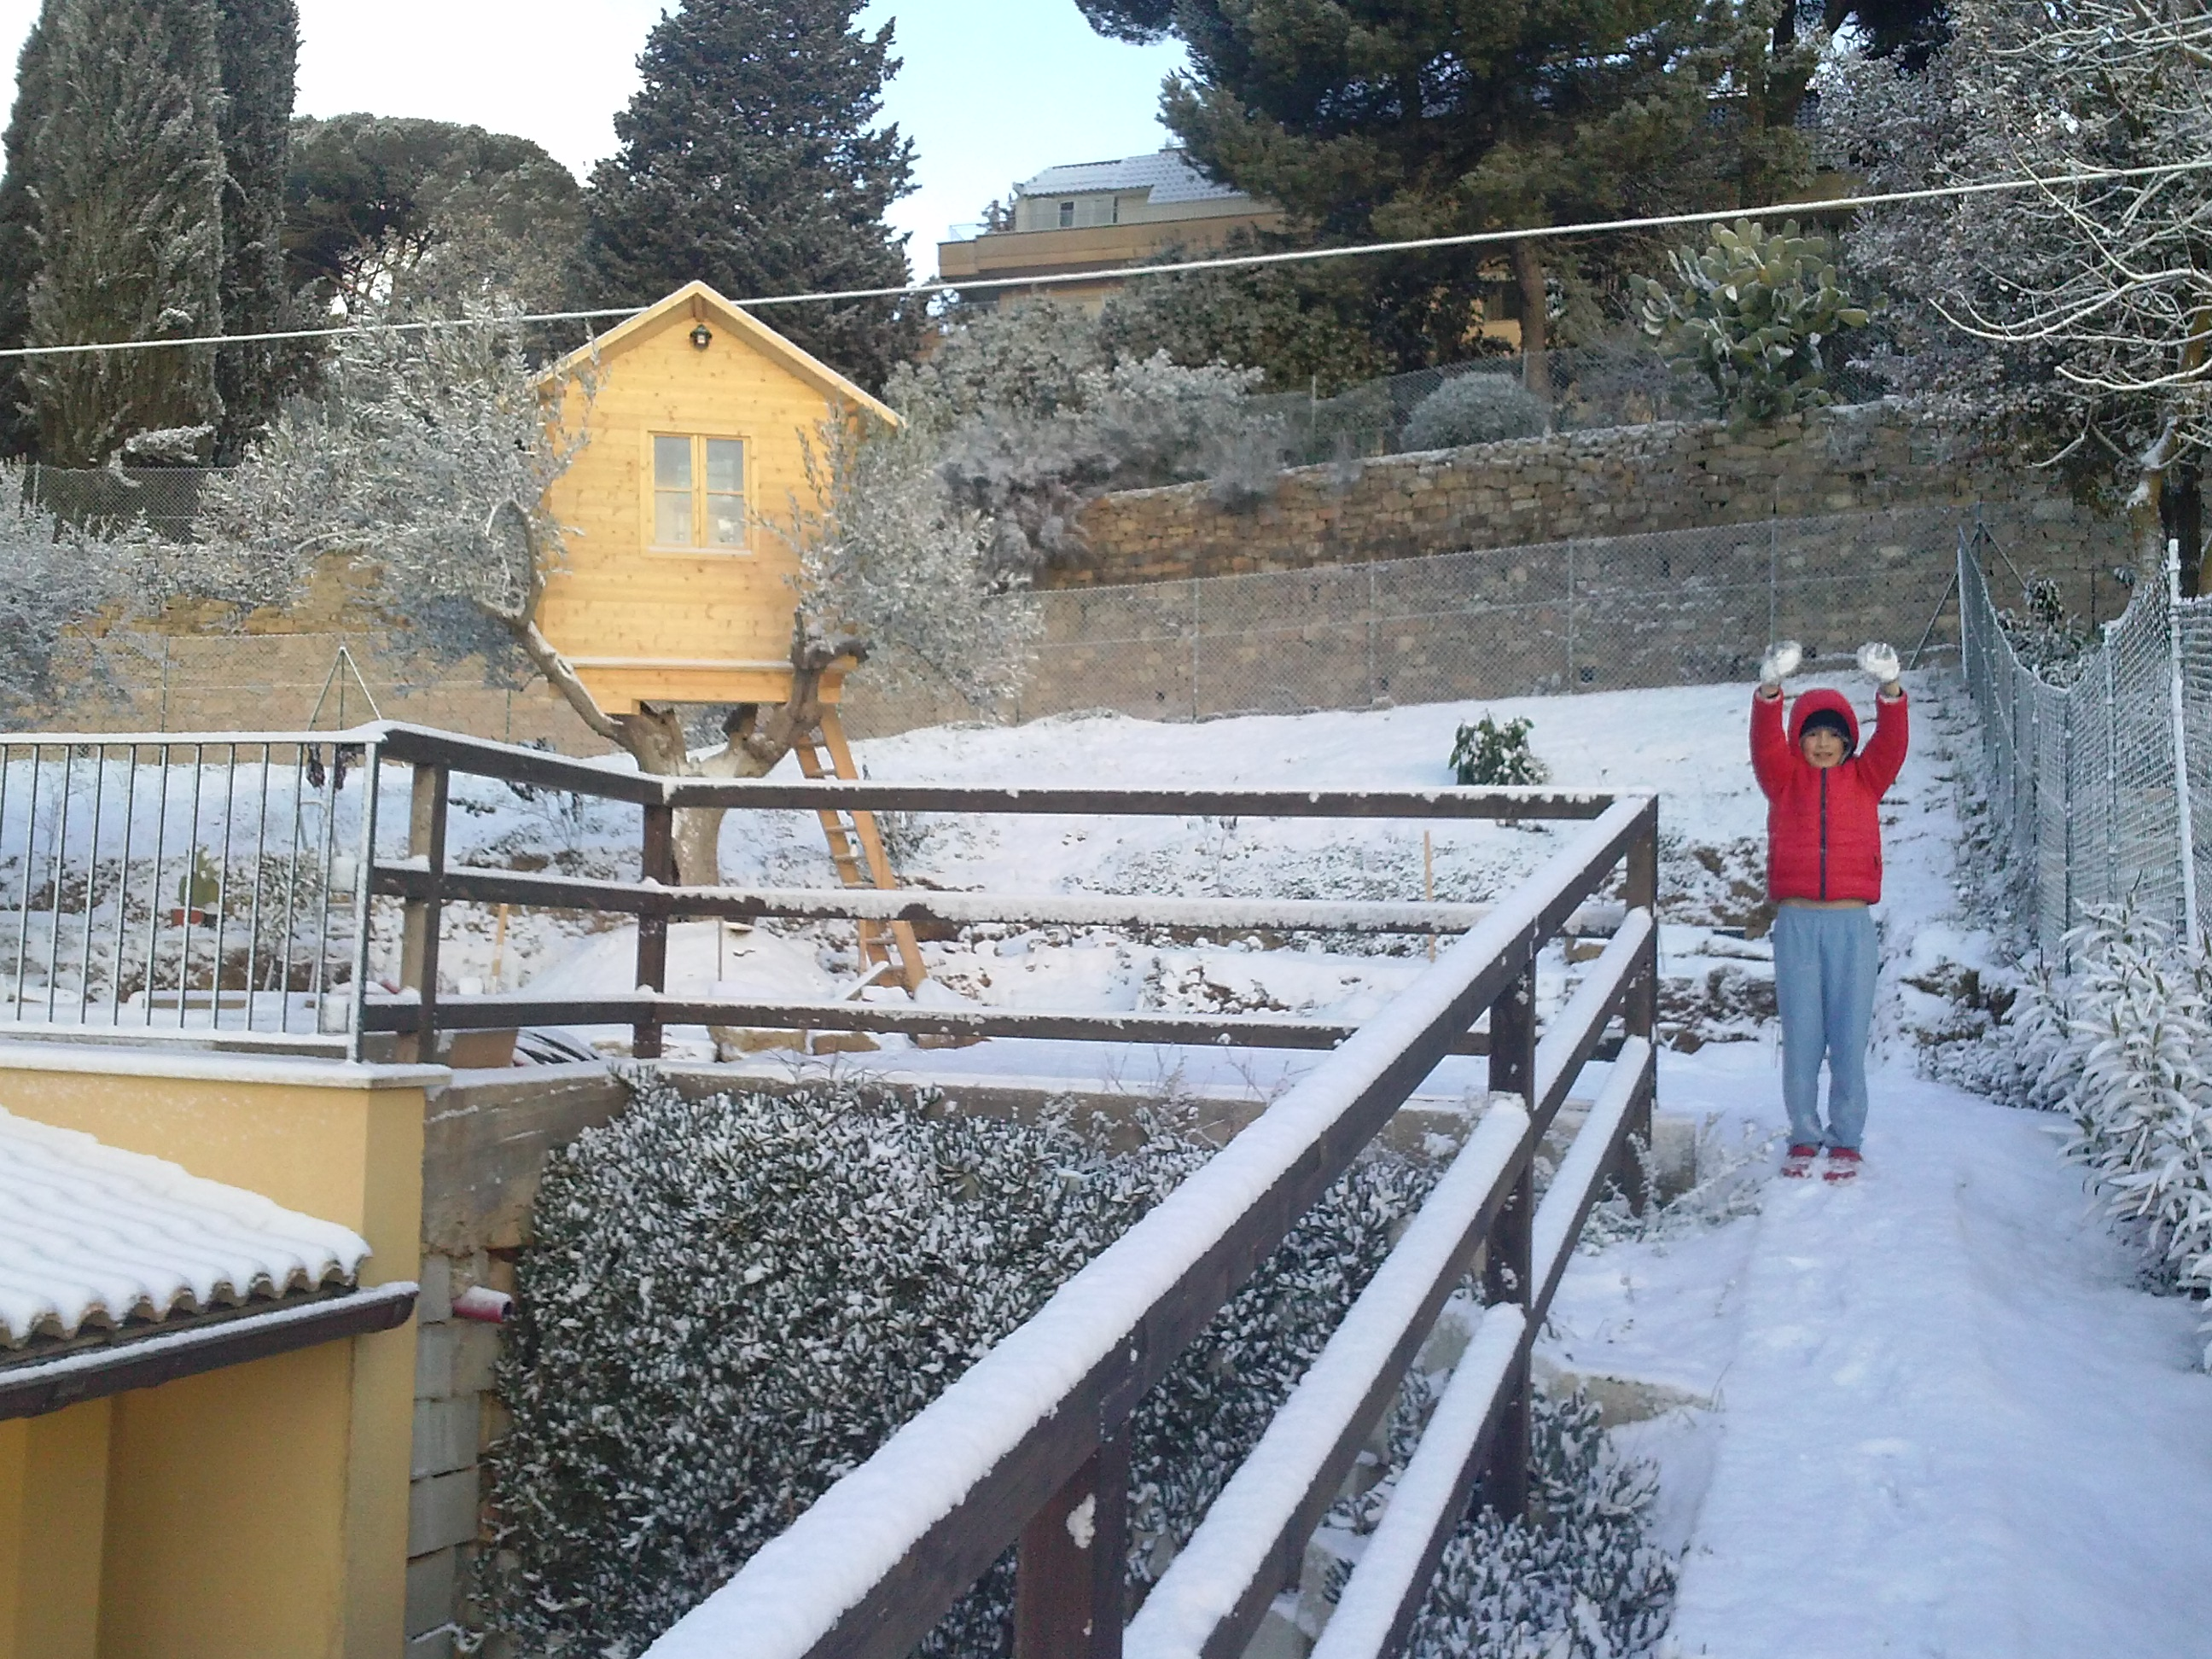 casa sull'albero a caltanissetta sicilia ESCAPE='HTML'